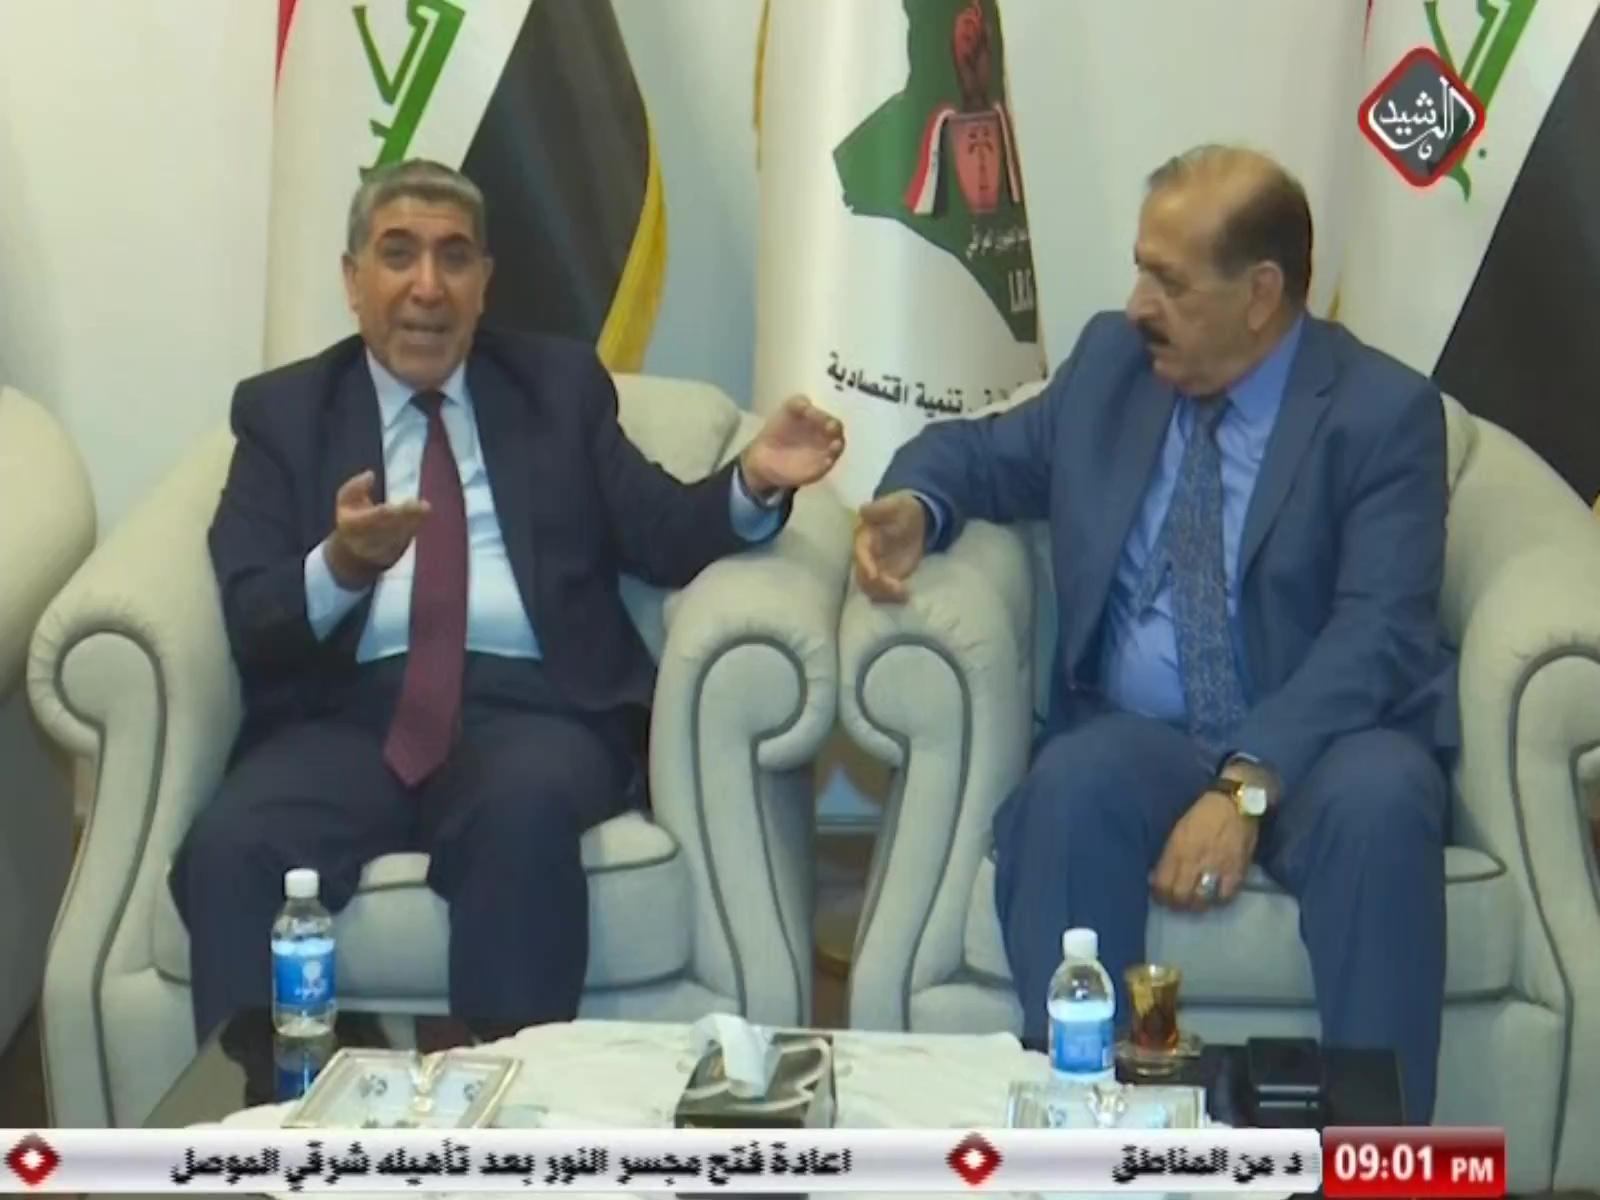 وفد من الهيئة السياسية لسائرون يزور التجمع الجمهوري العراقي لبحث مسار العملية السياسية ومناقشة اكمال تشكيل الحكومة